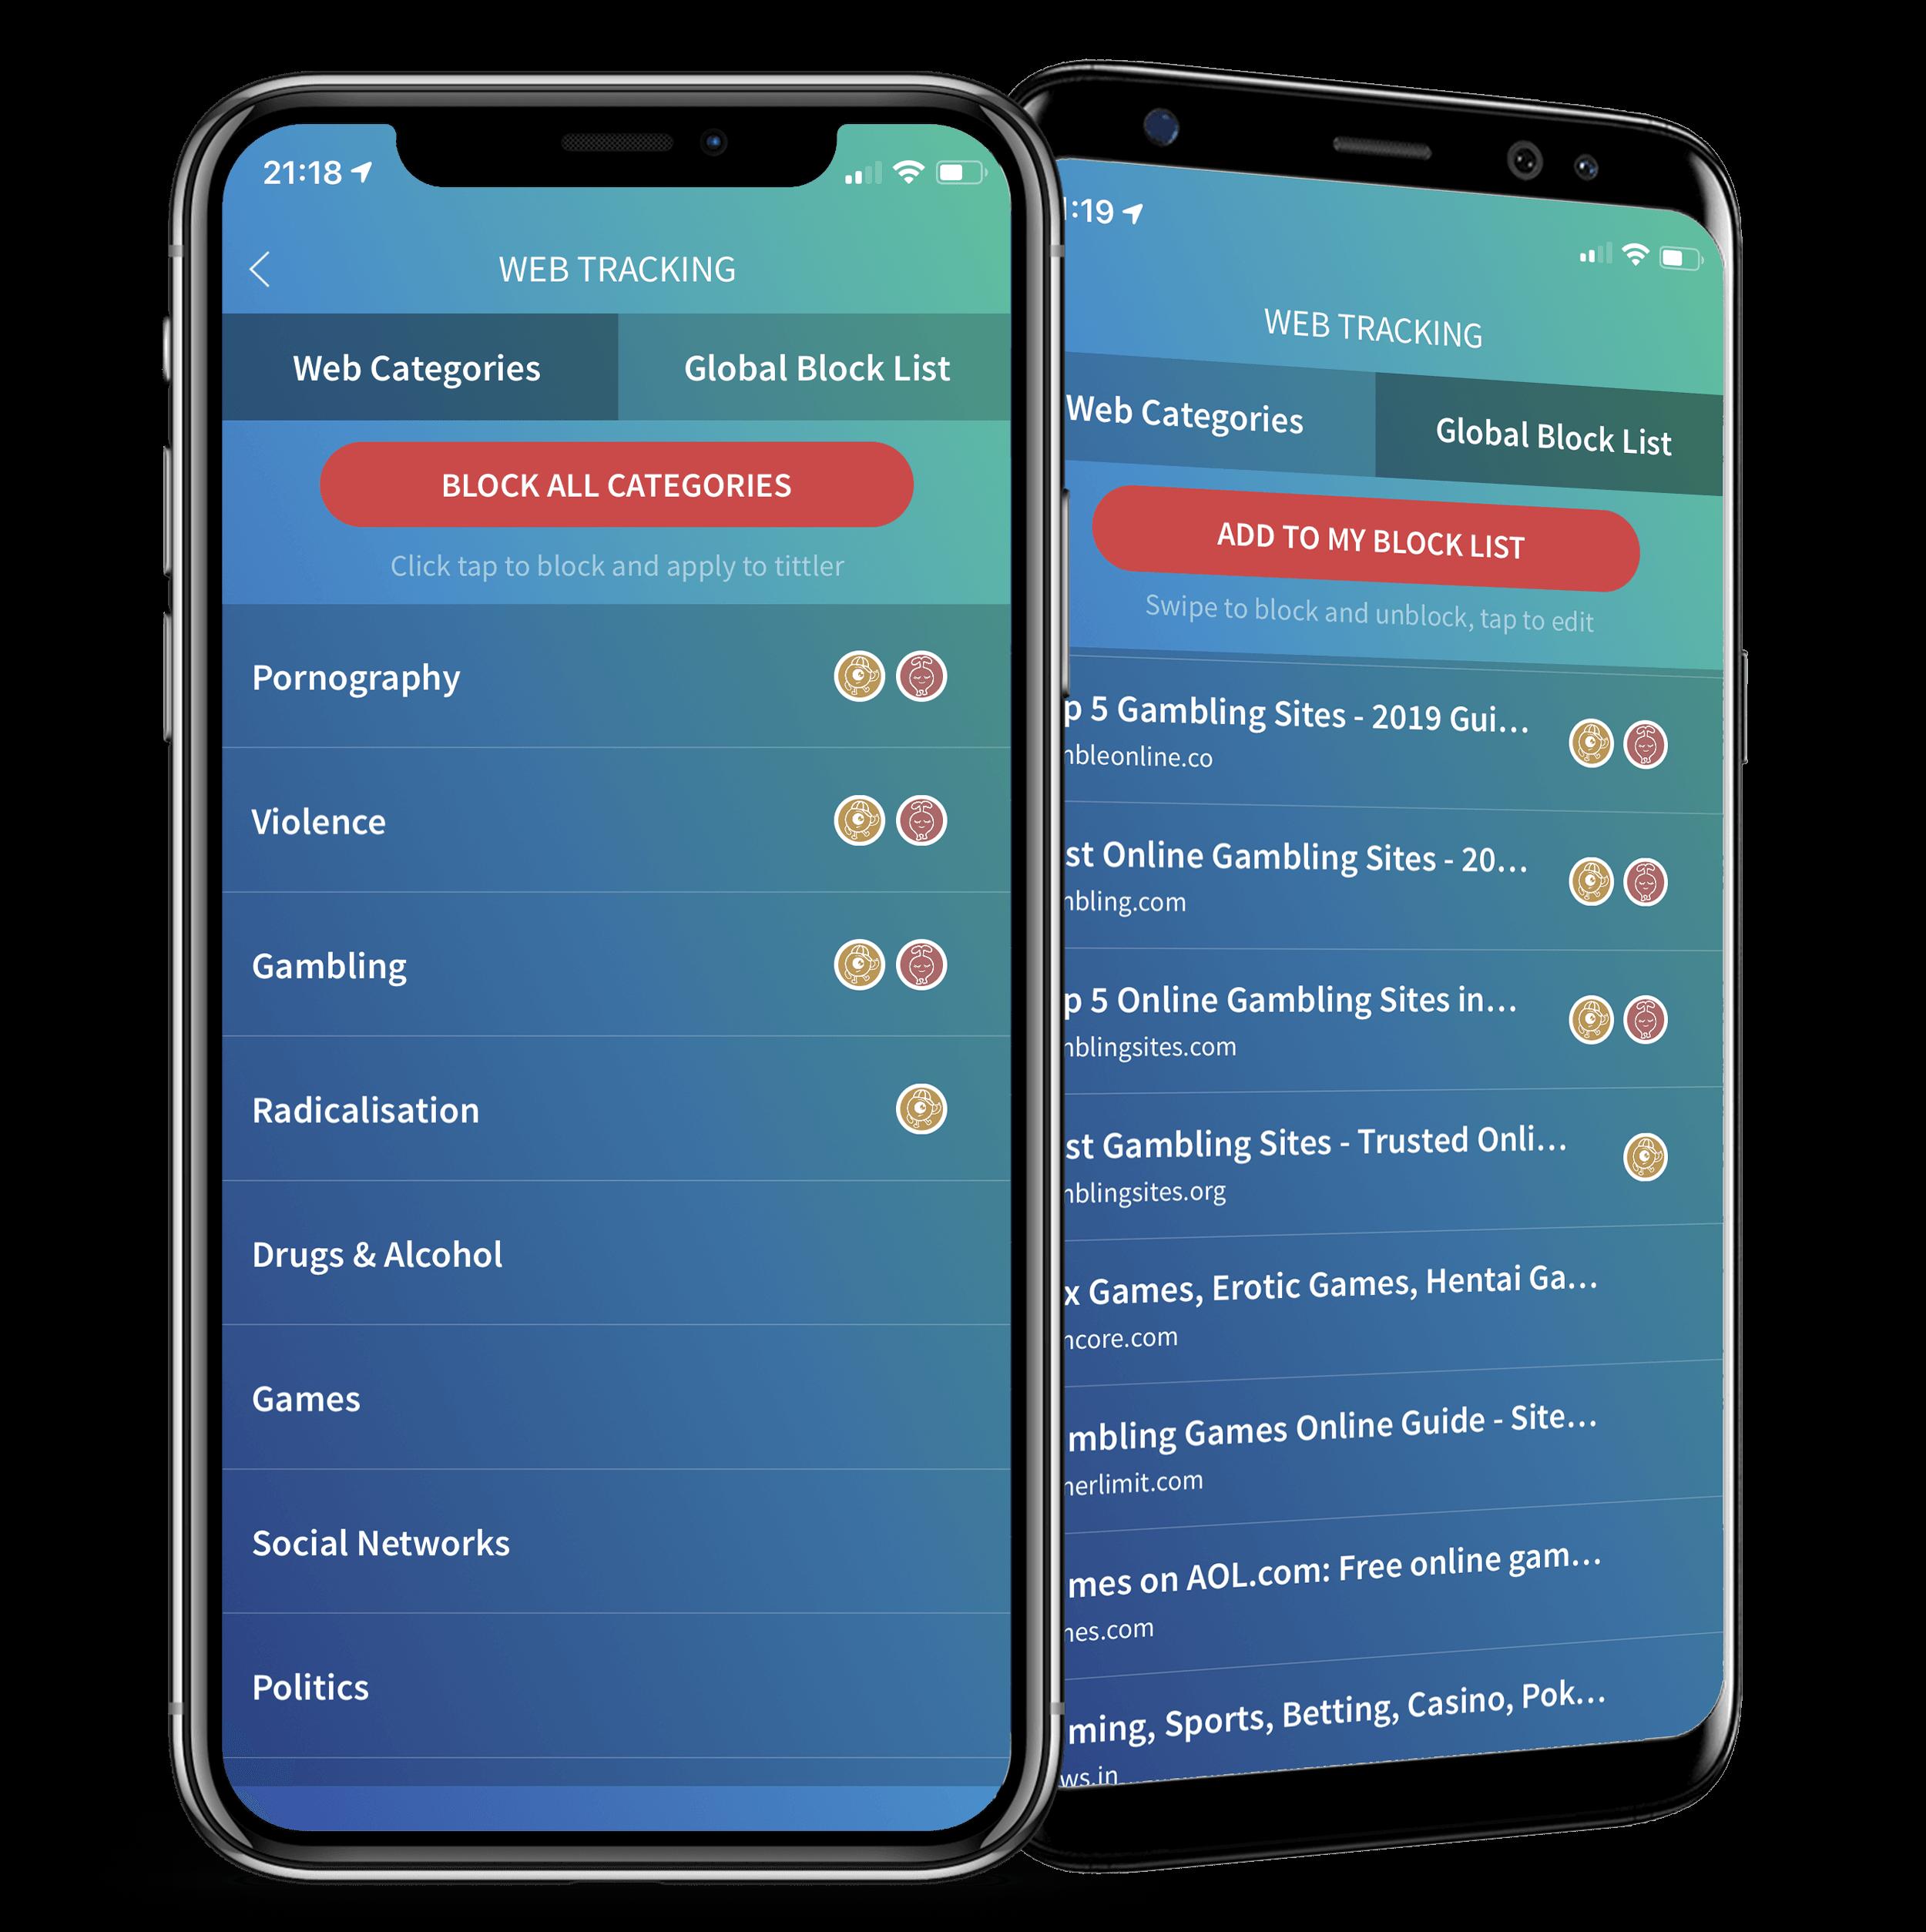 Web-Tracking-comparison